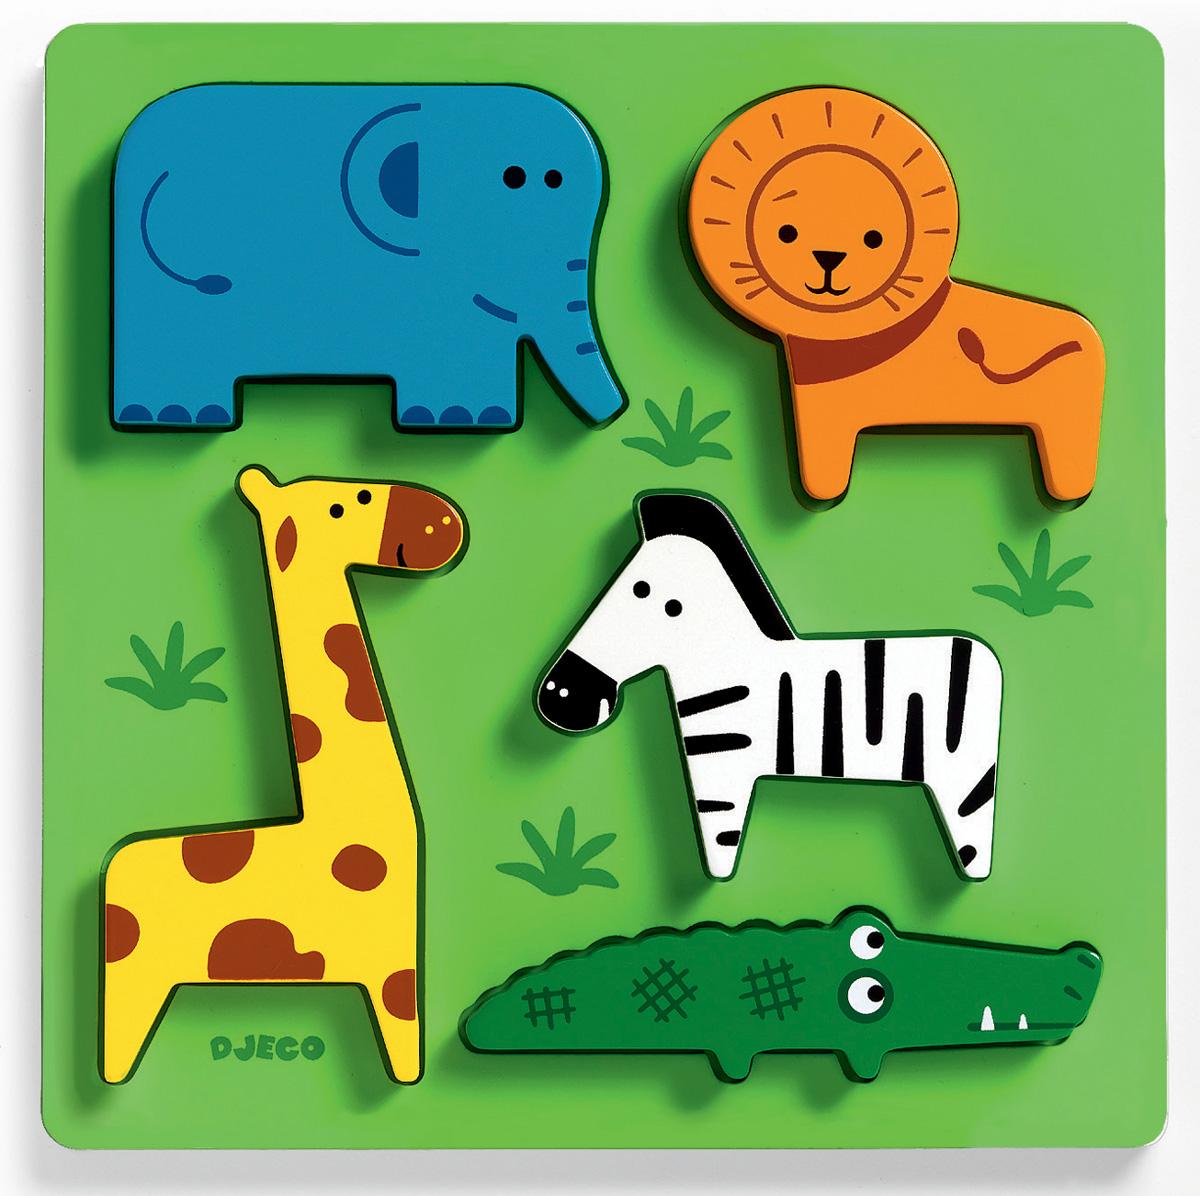 Djeco Пазл для малышей Животные сафари